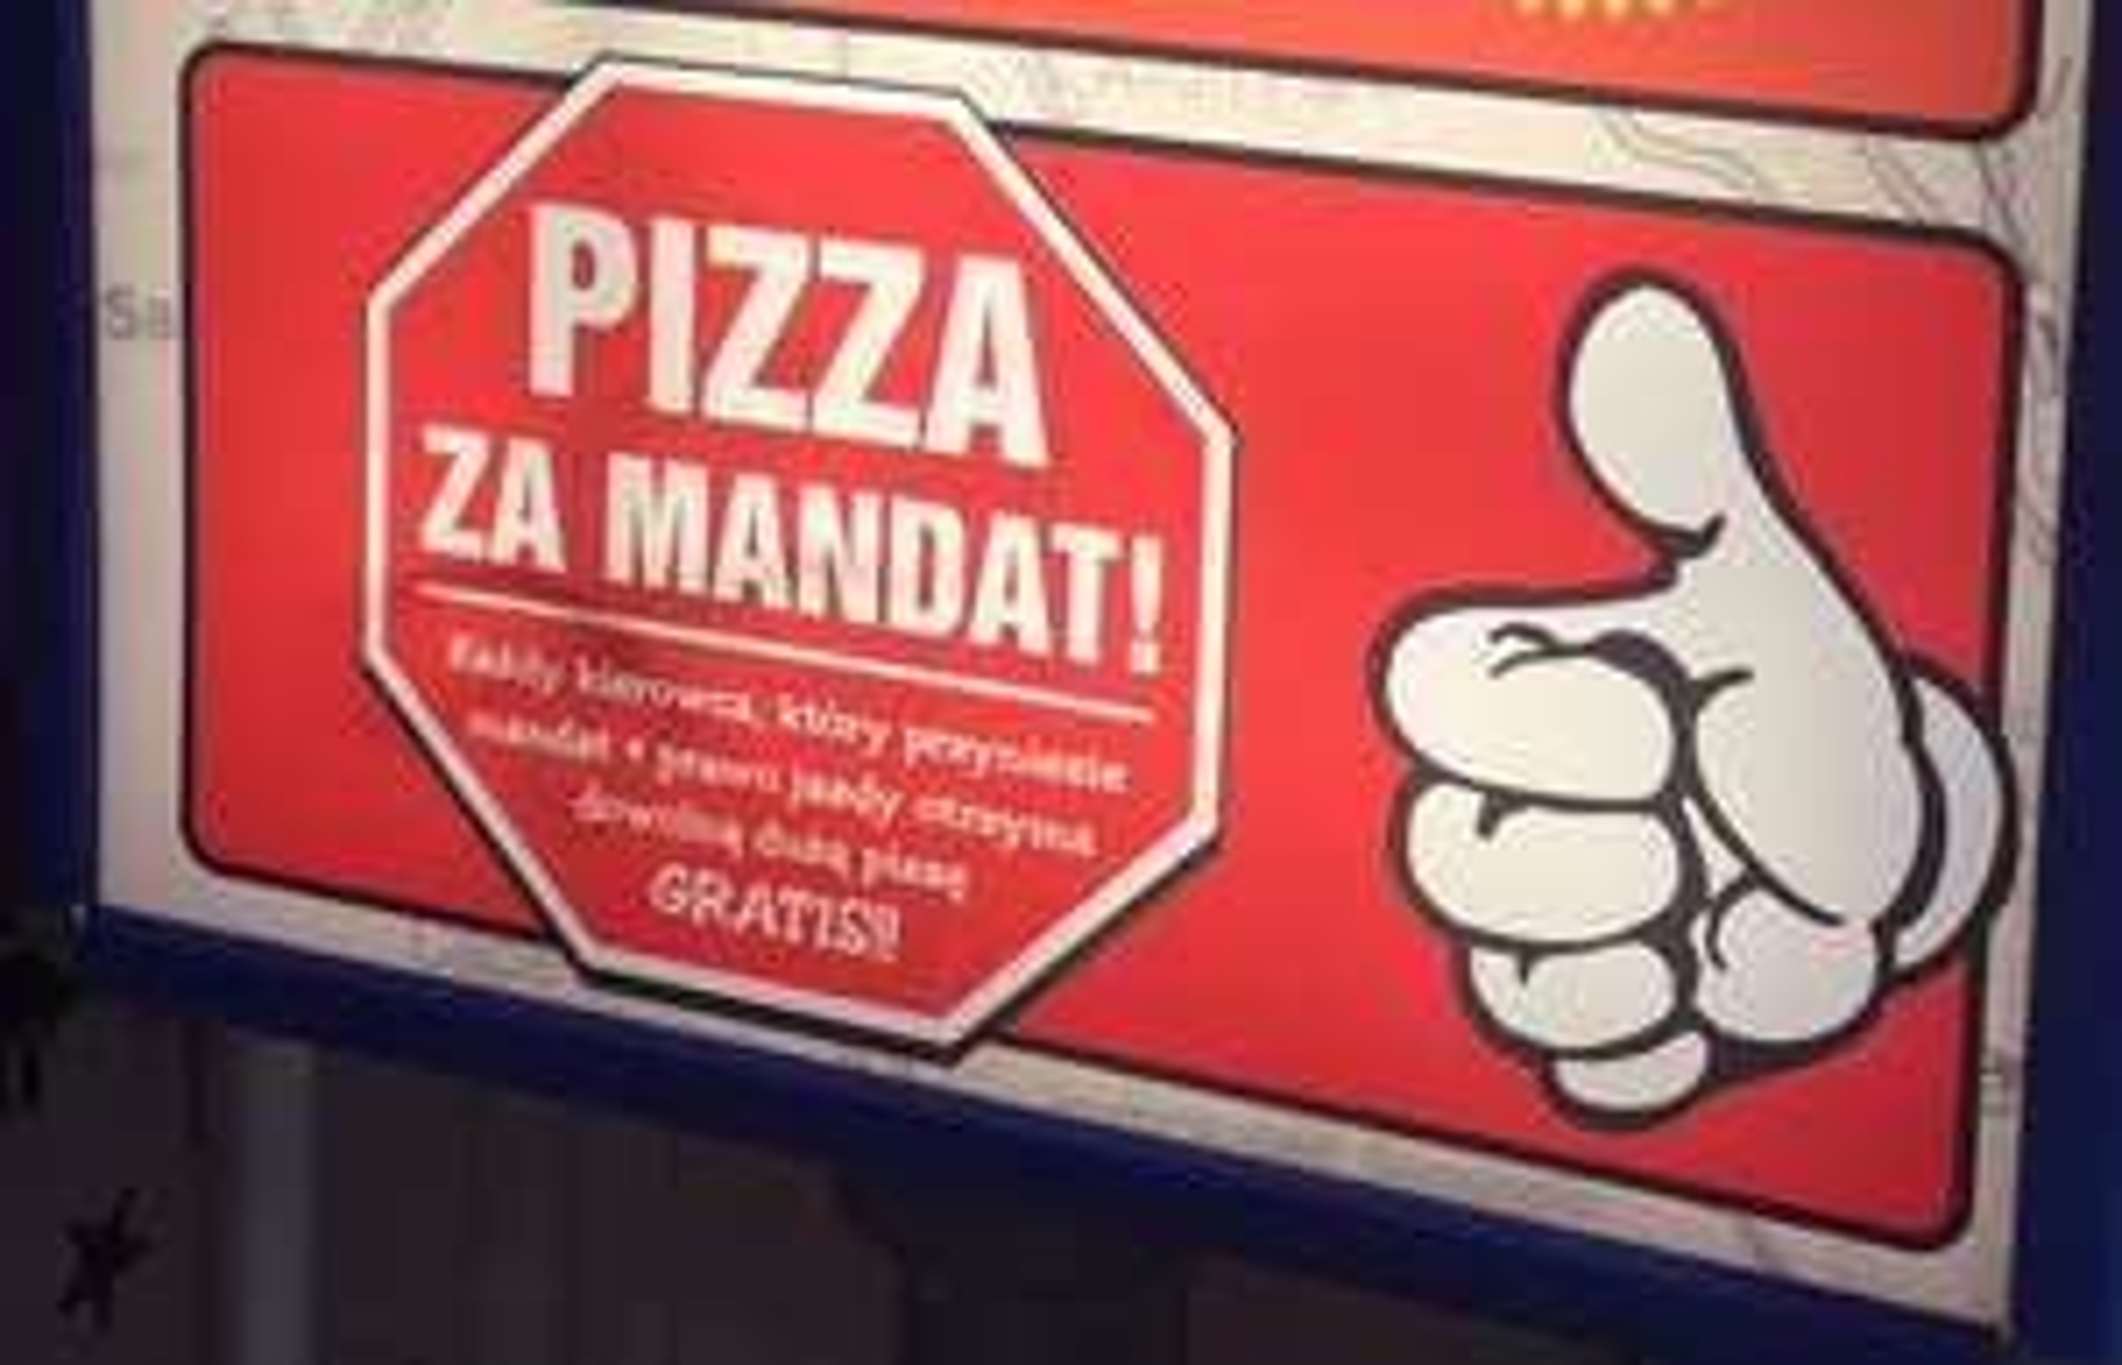 Jeff's dowolna duża pizza za darmo za mandat drogowy